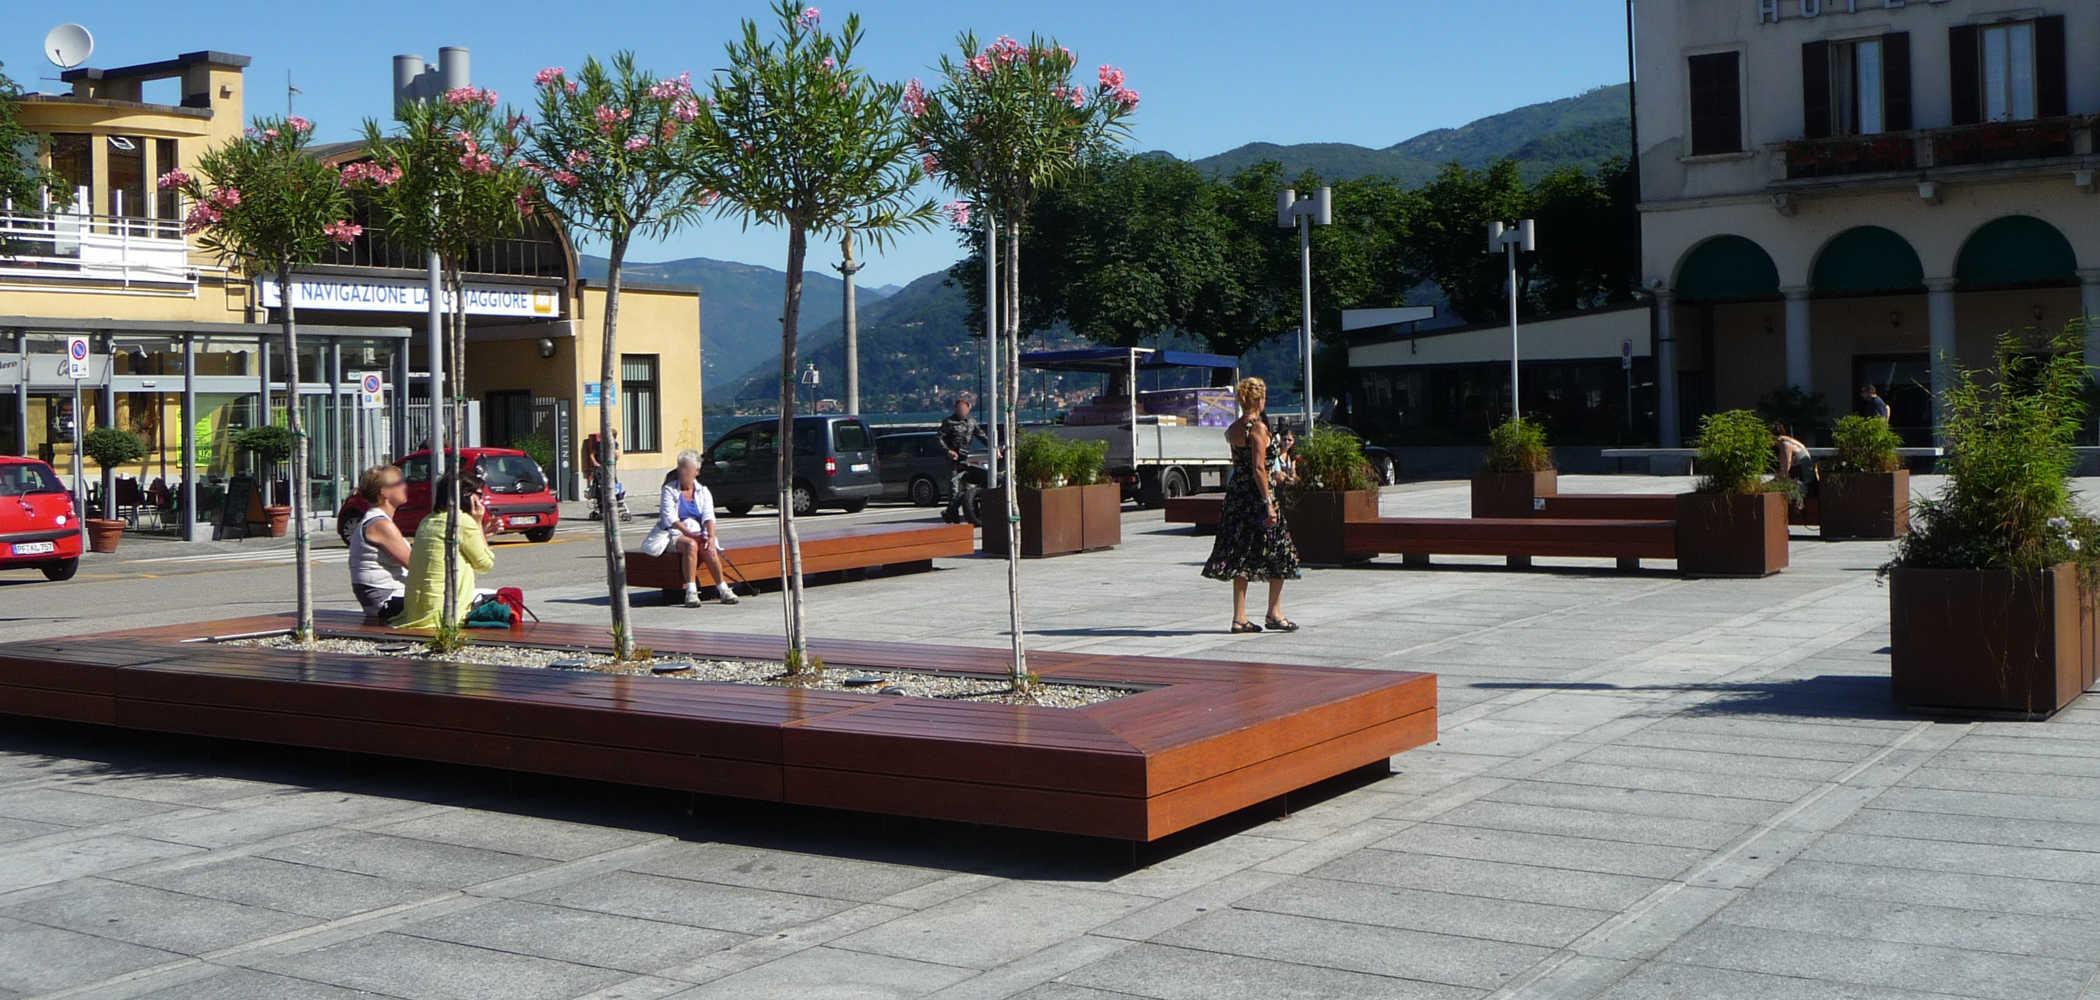 Isola seduta arredo urbano Harris  Metalco